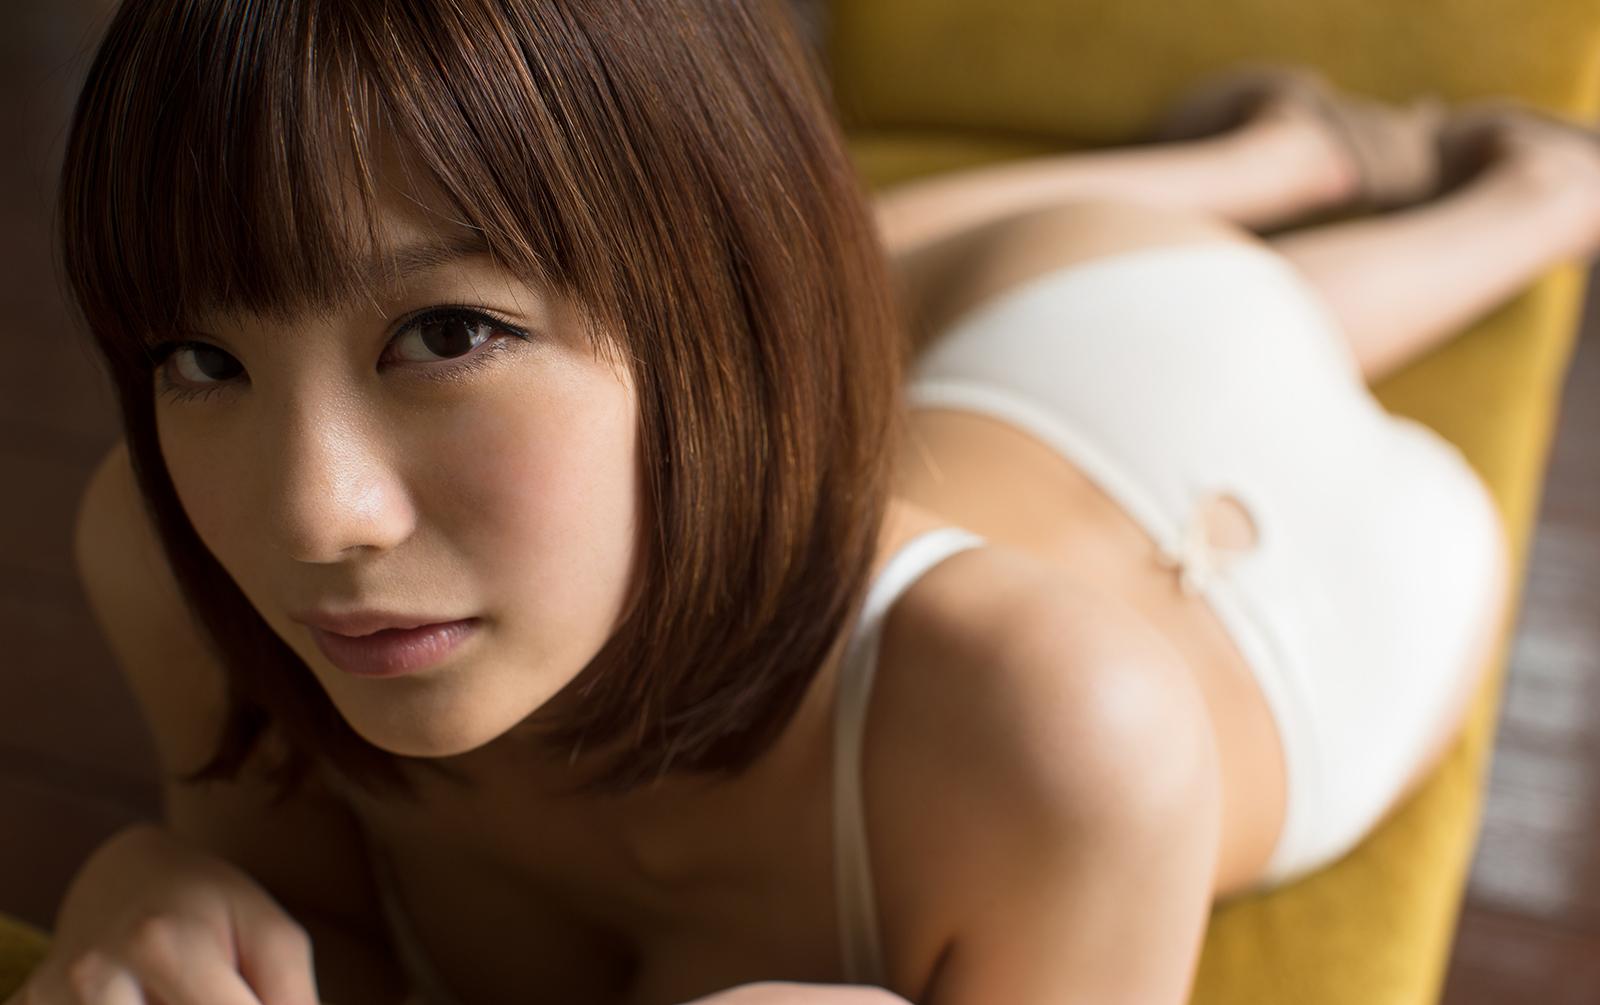 鈴村あいり 画像 21